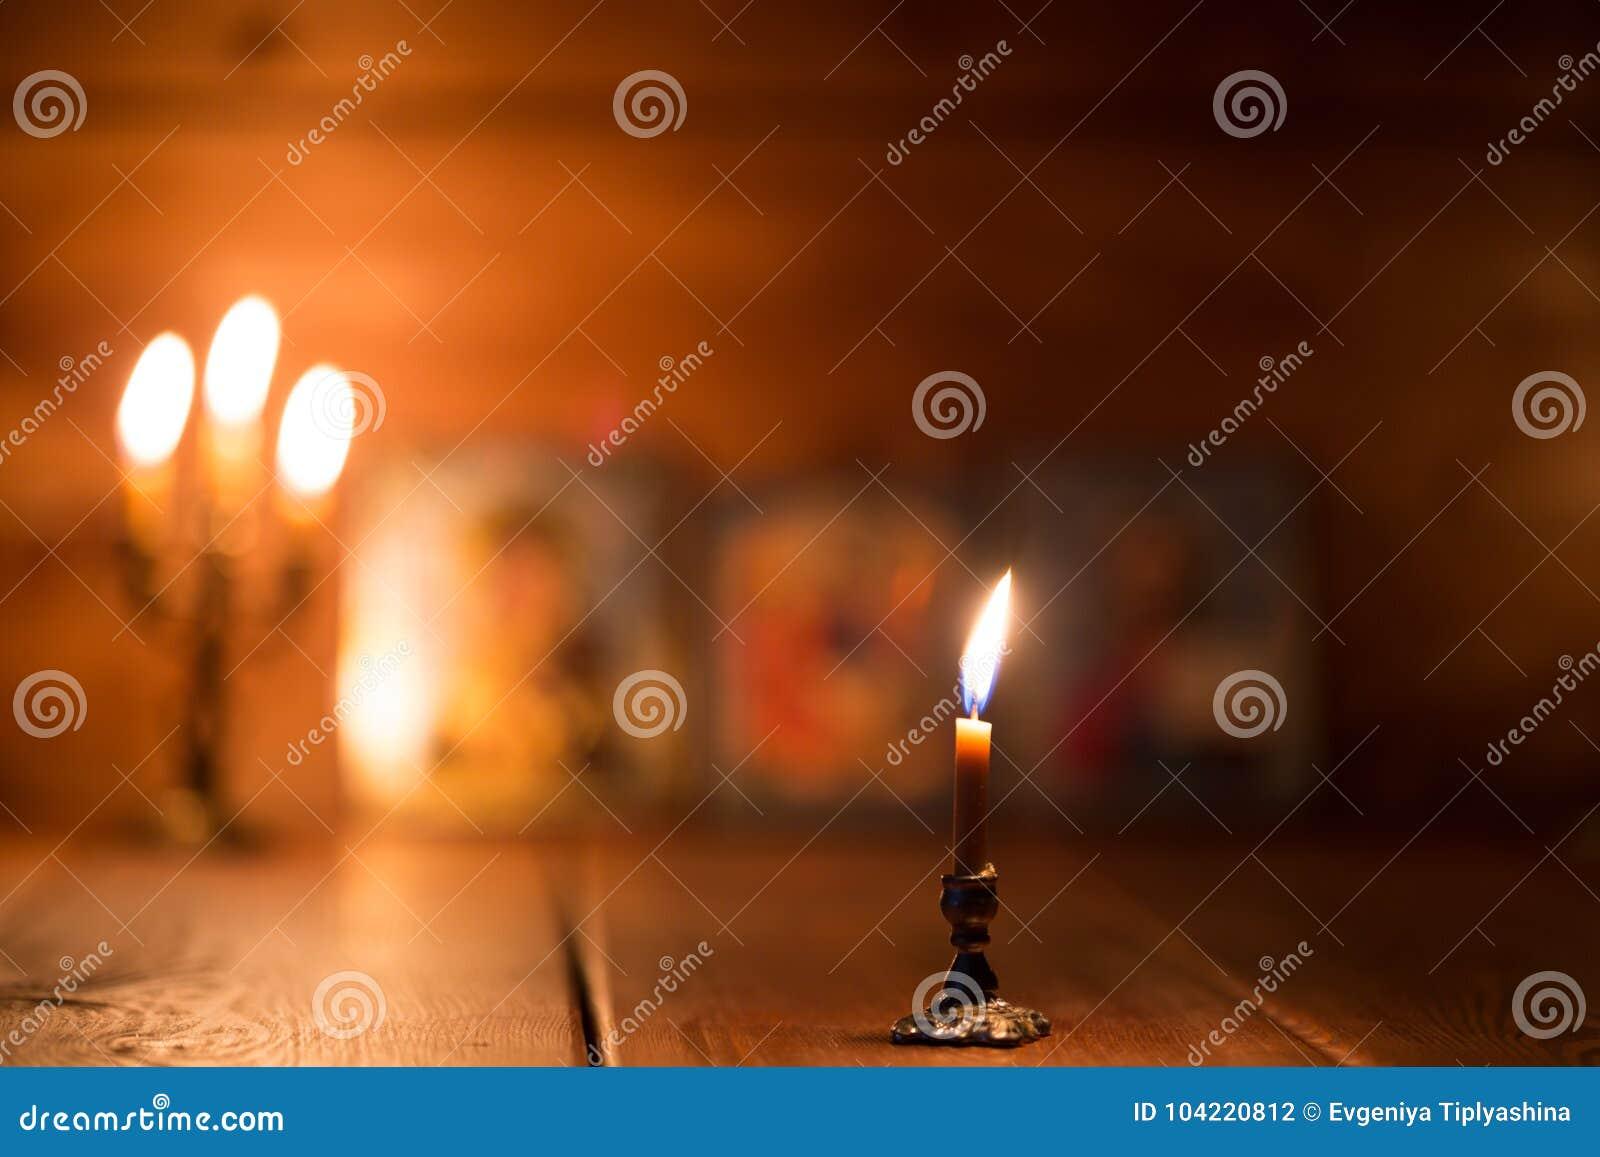 Vela Ardiente En Un Cuarto Oscuro, Ortodoxo Foto de archivo - Imagen ...